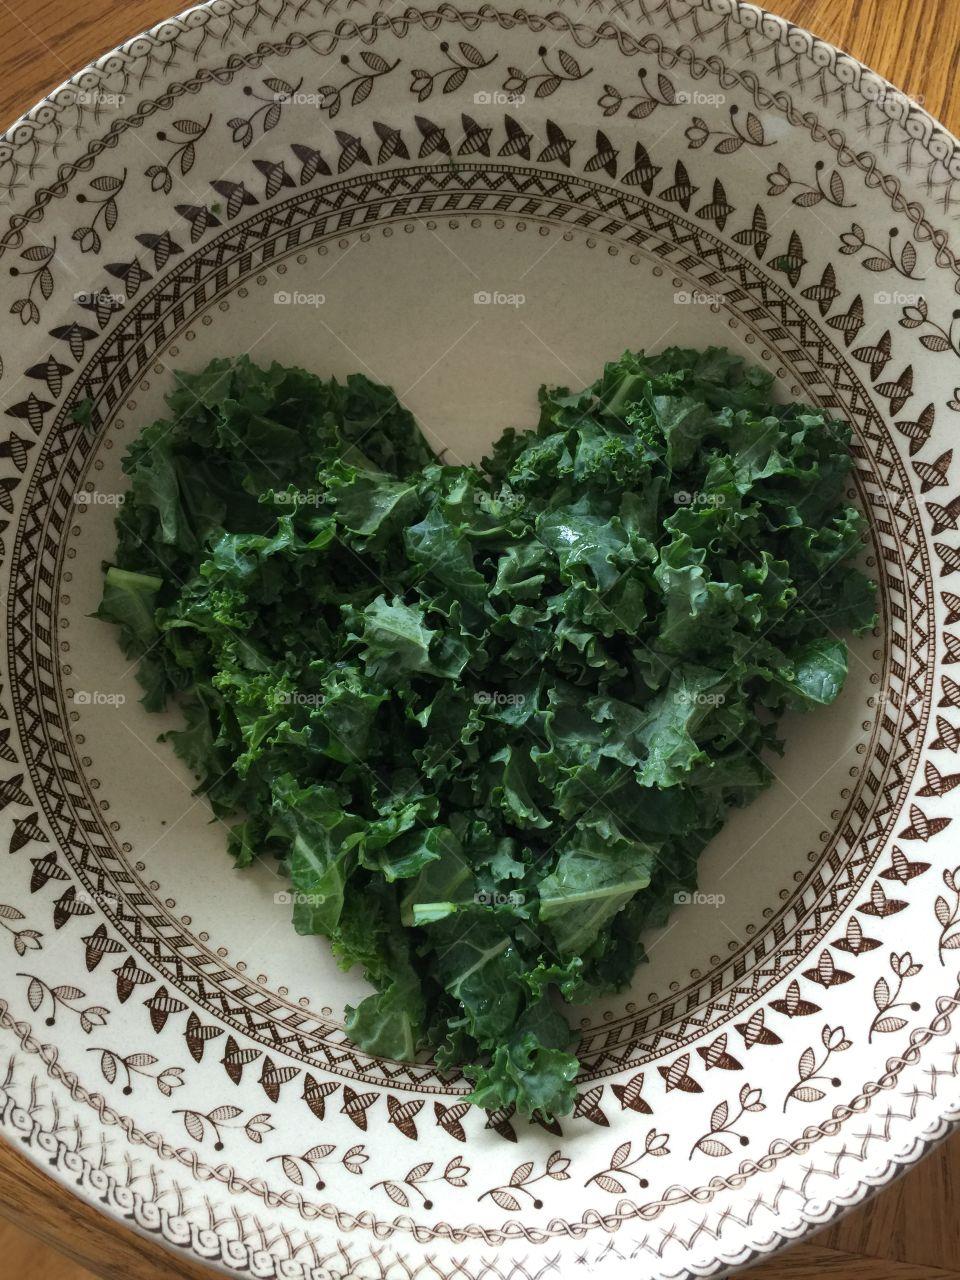 Kale heart